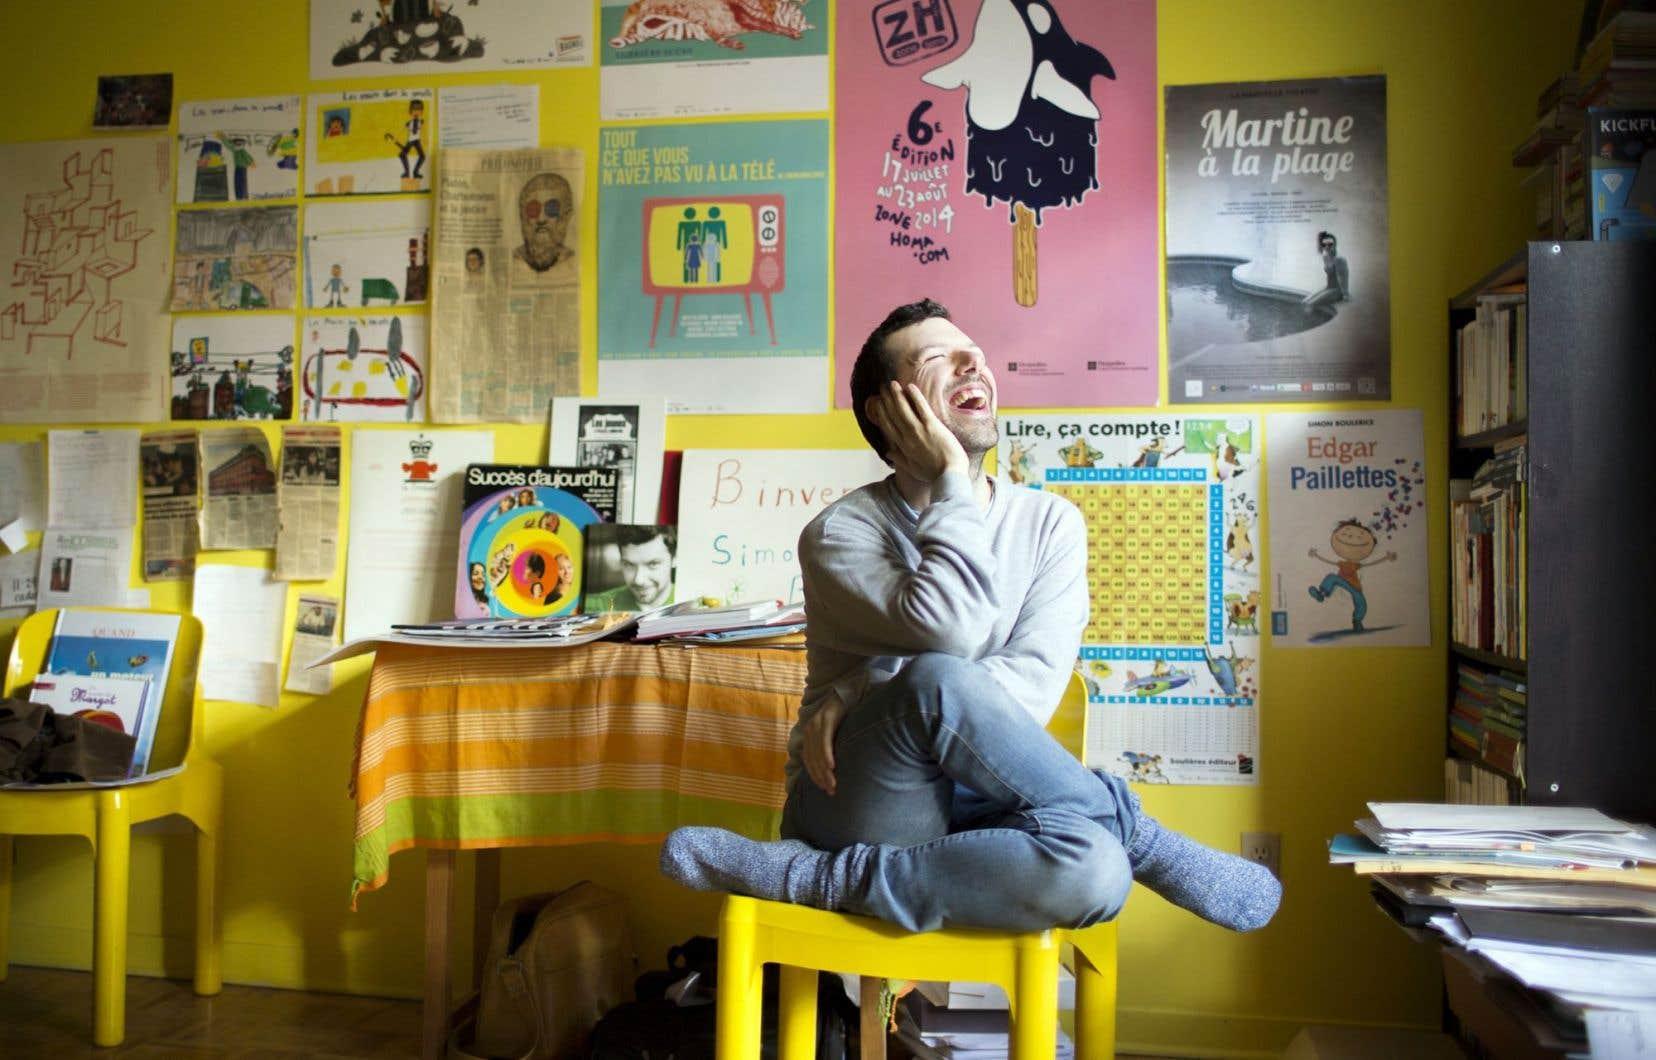 Romancier, poète, dramaturge, Simon Boulerice est un des auteurs les plus prolifiques du moment.